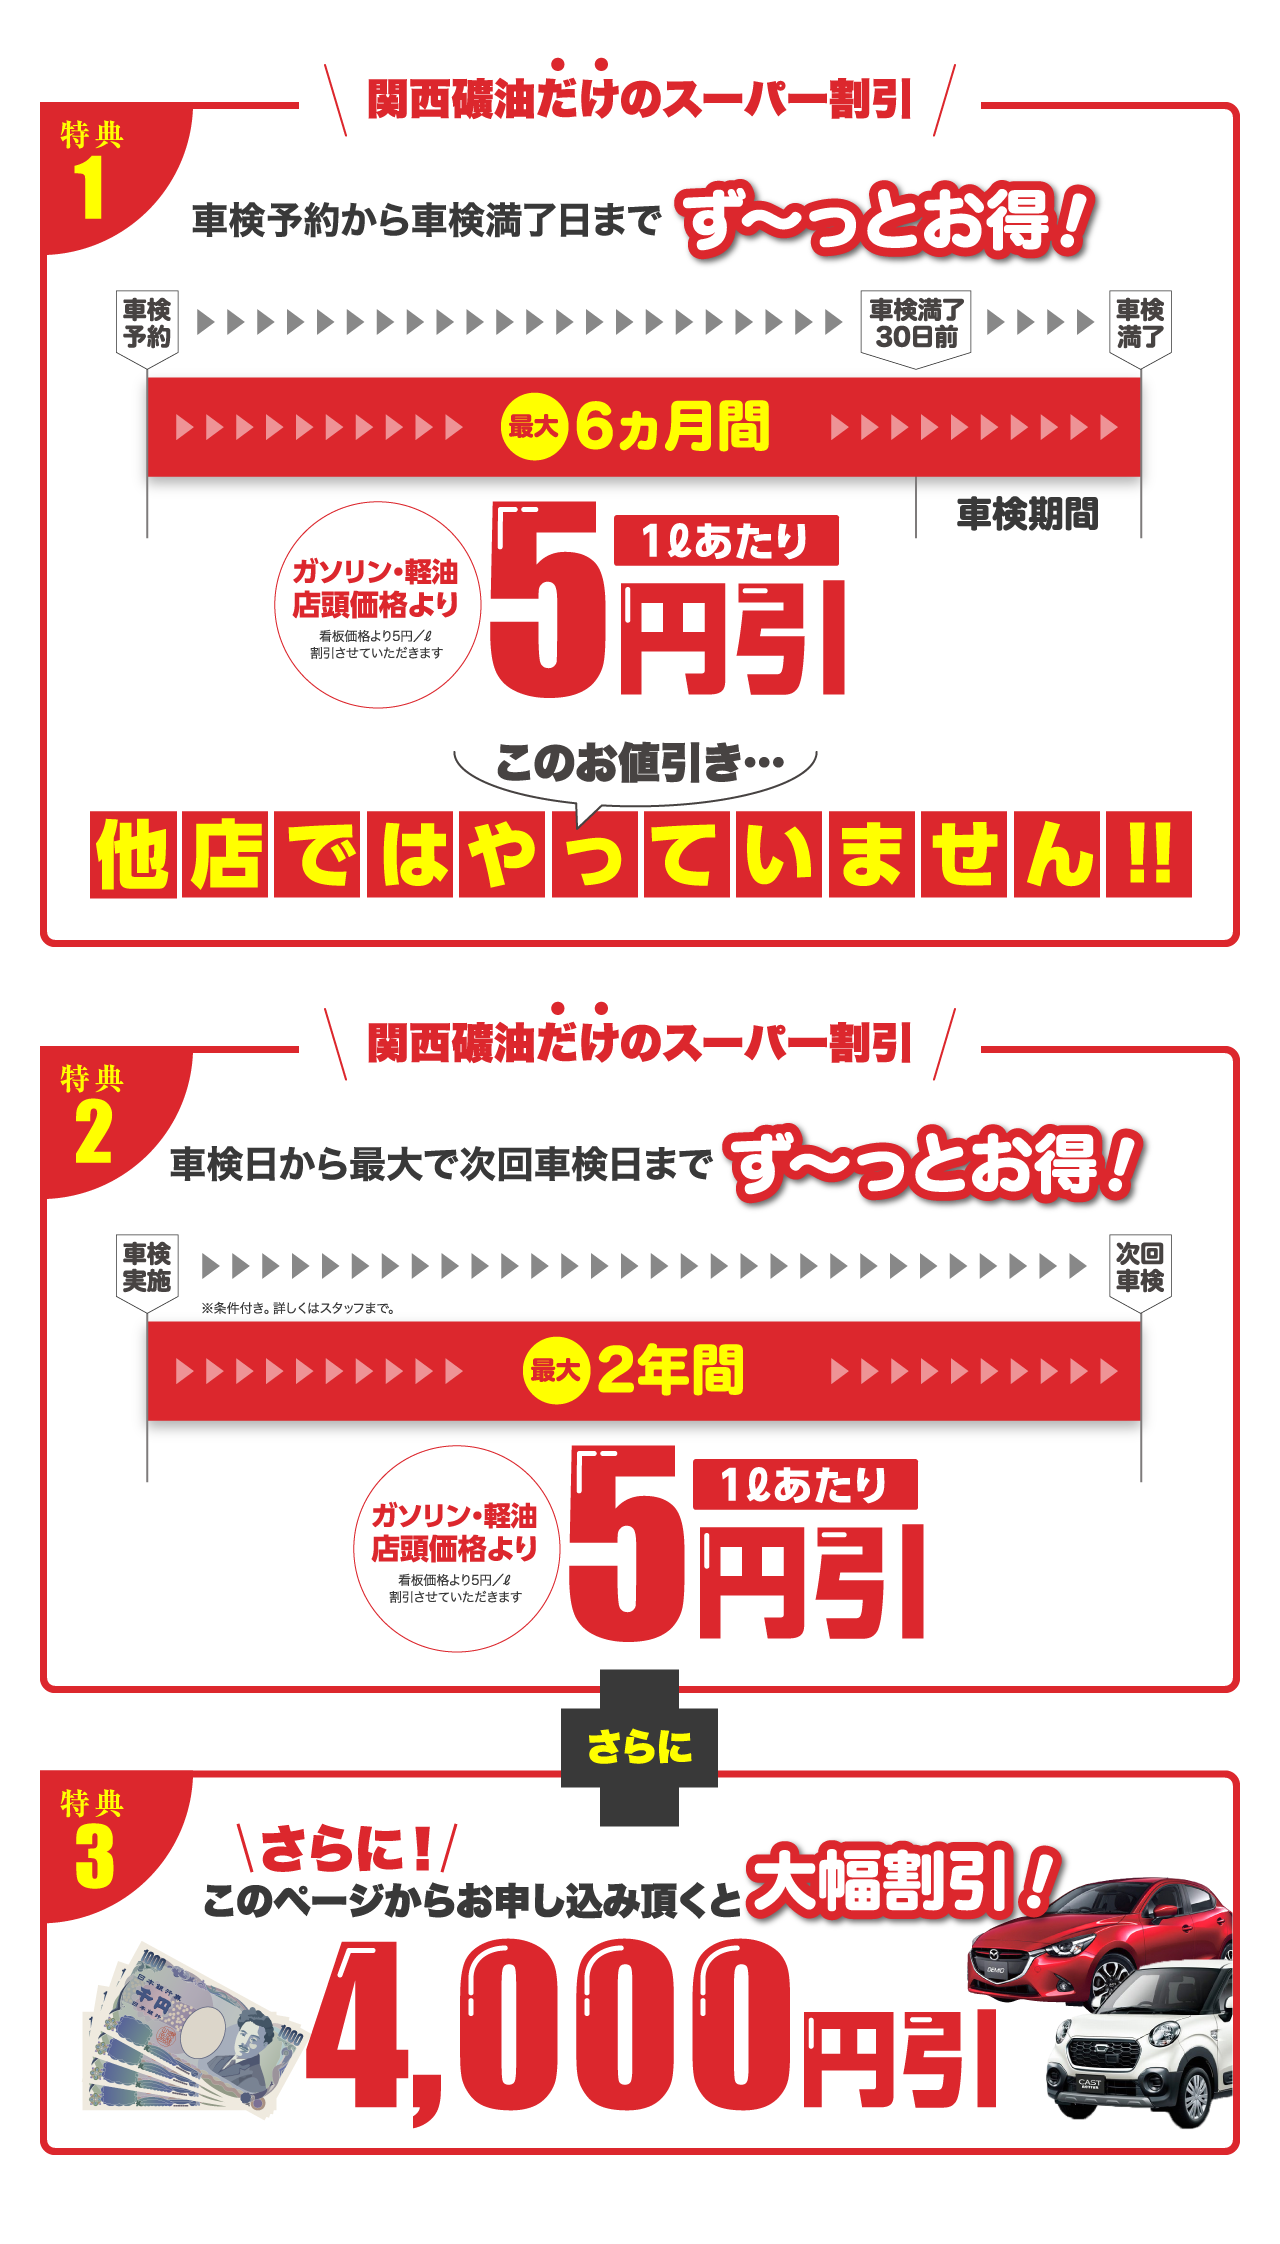 関西砿油だけのスーパー割引